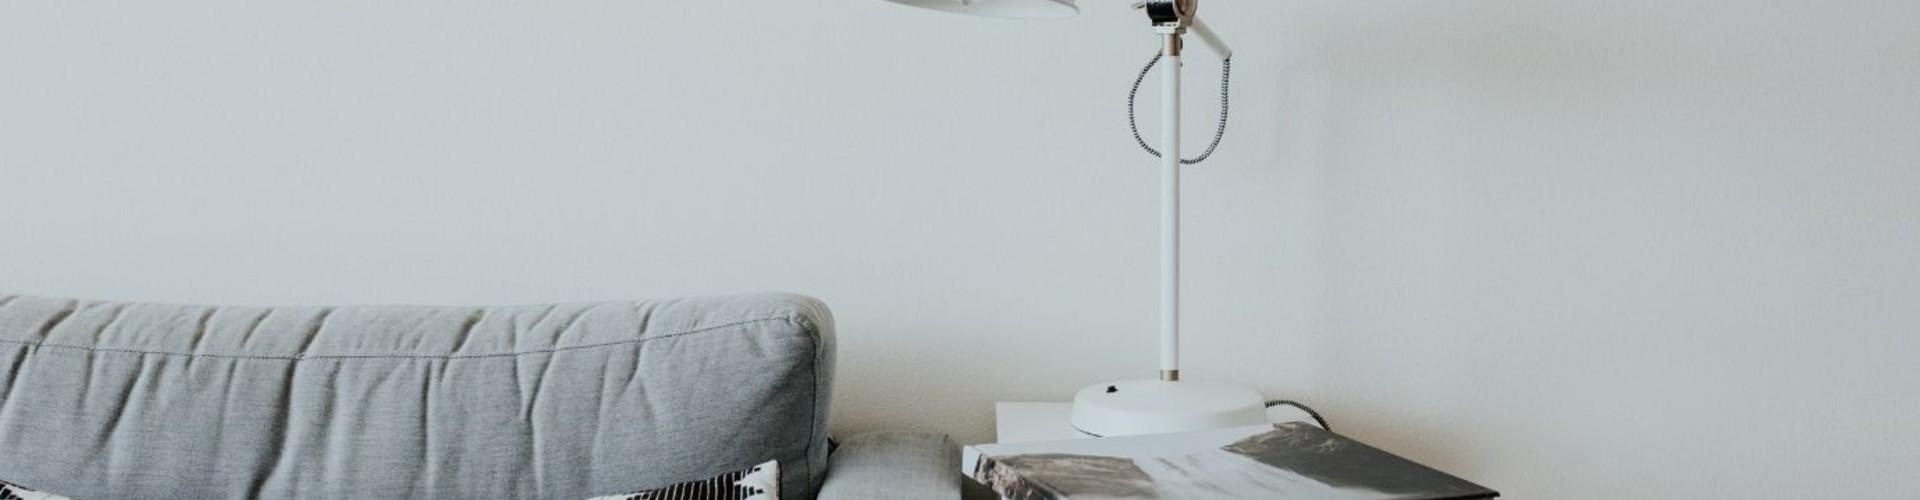 Kies een witte lamp voor een neutrale uitstraling